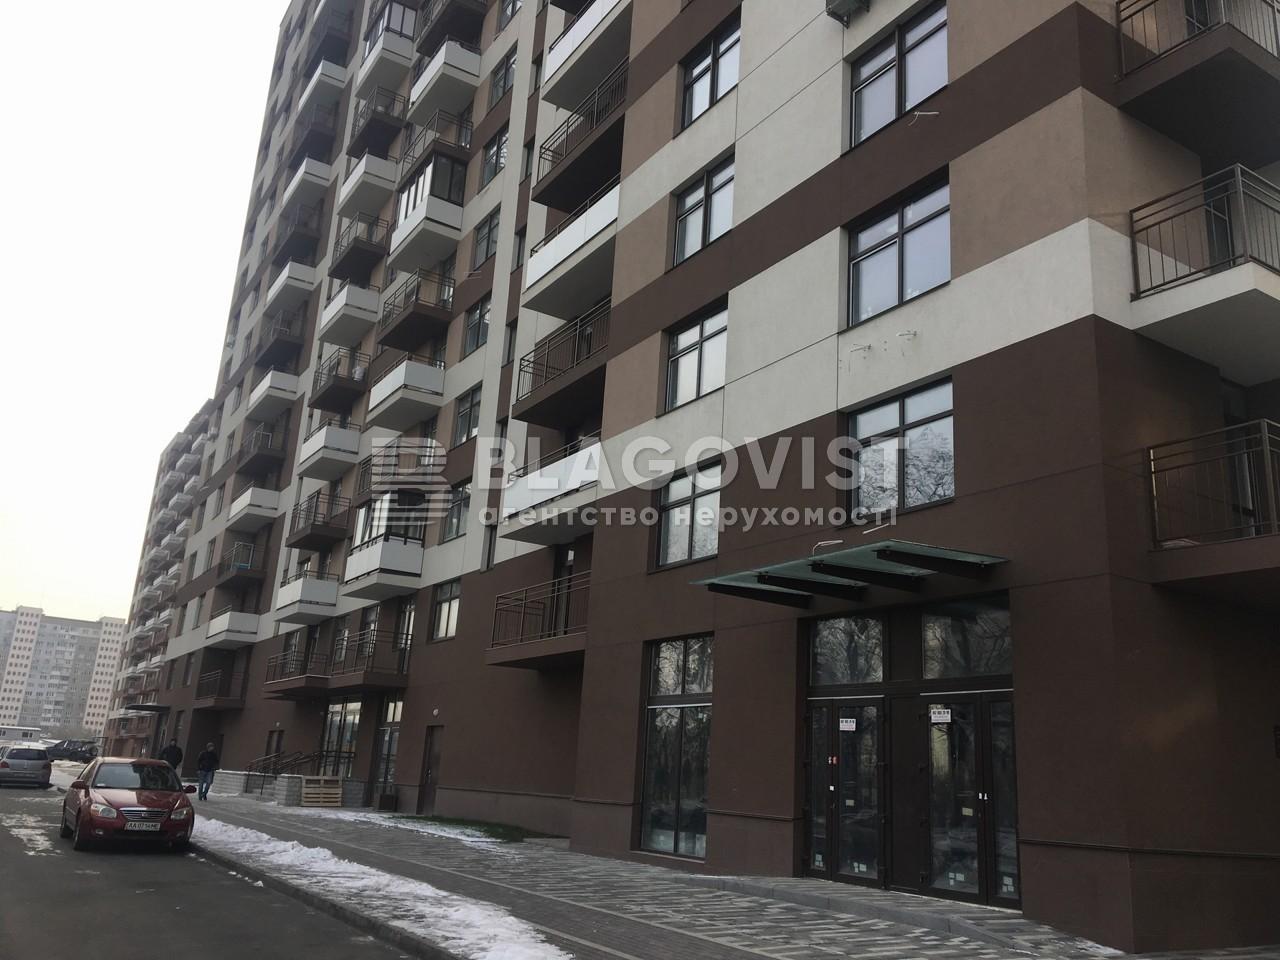 Нежилое помещение, Правды просп., Киев, H-41728 - Фото 3